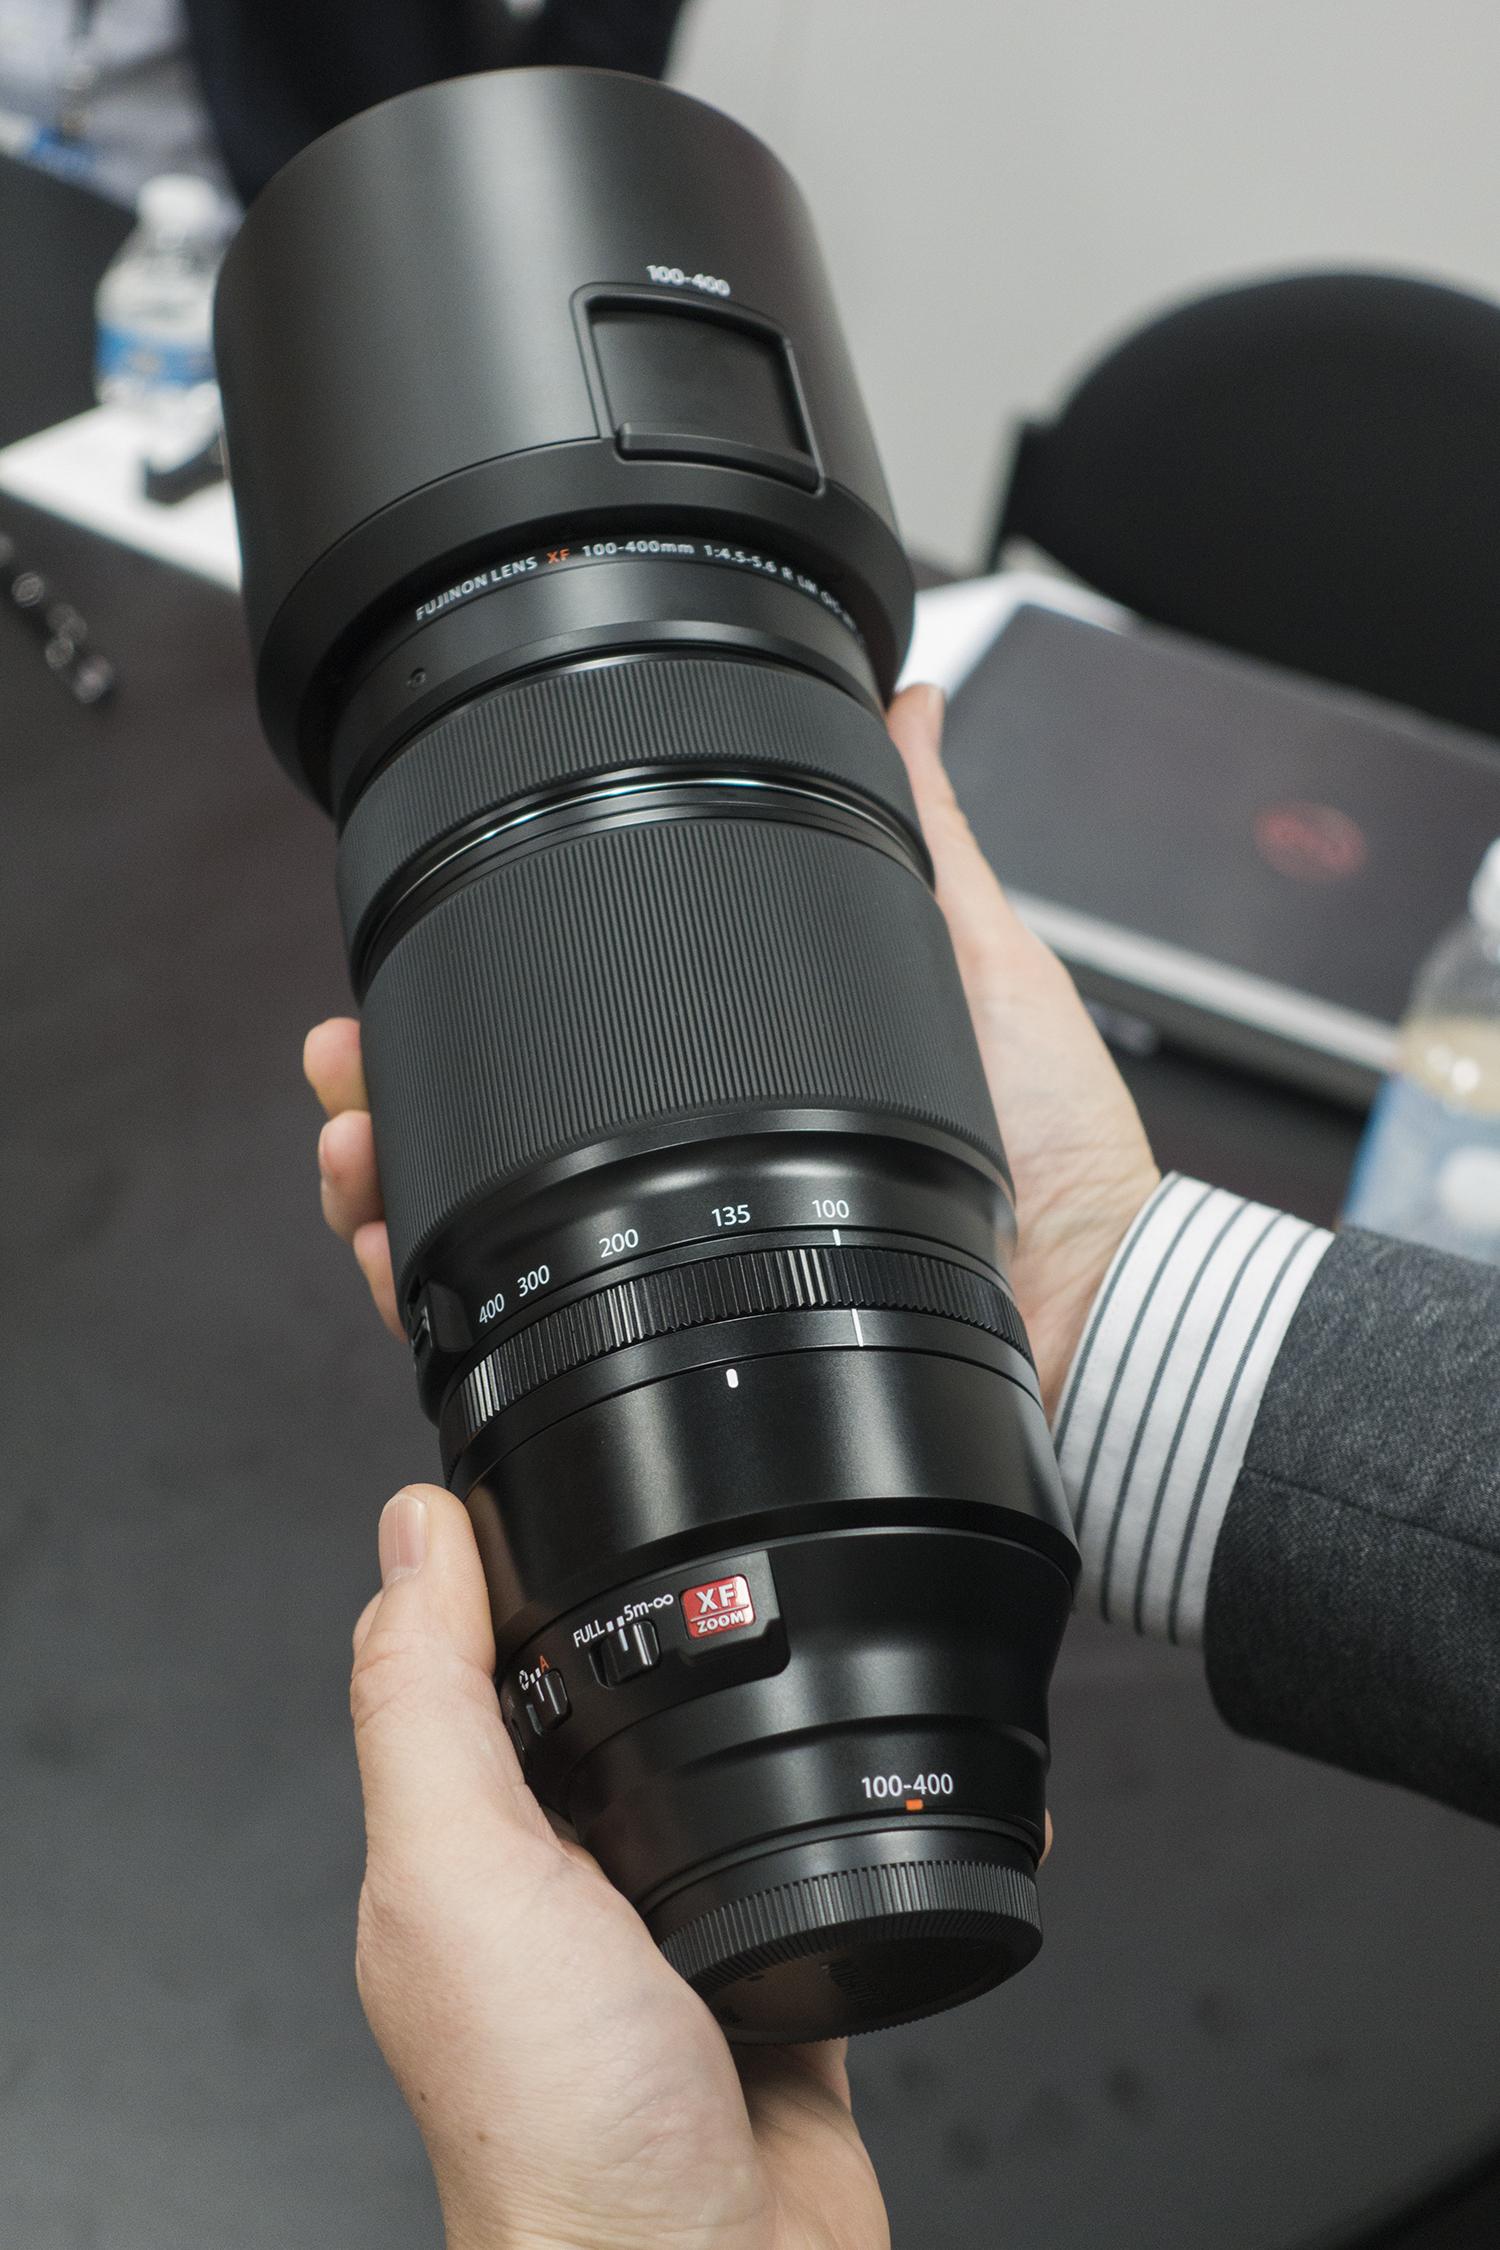 Fujifilm 100-400mm